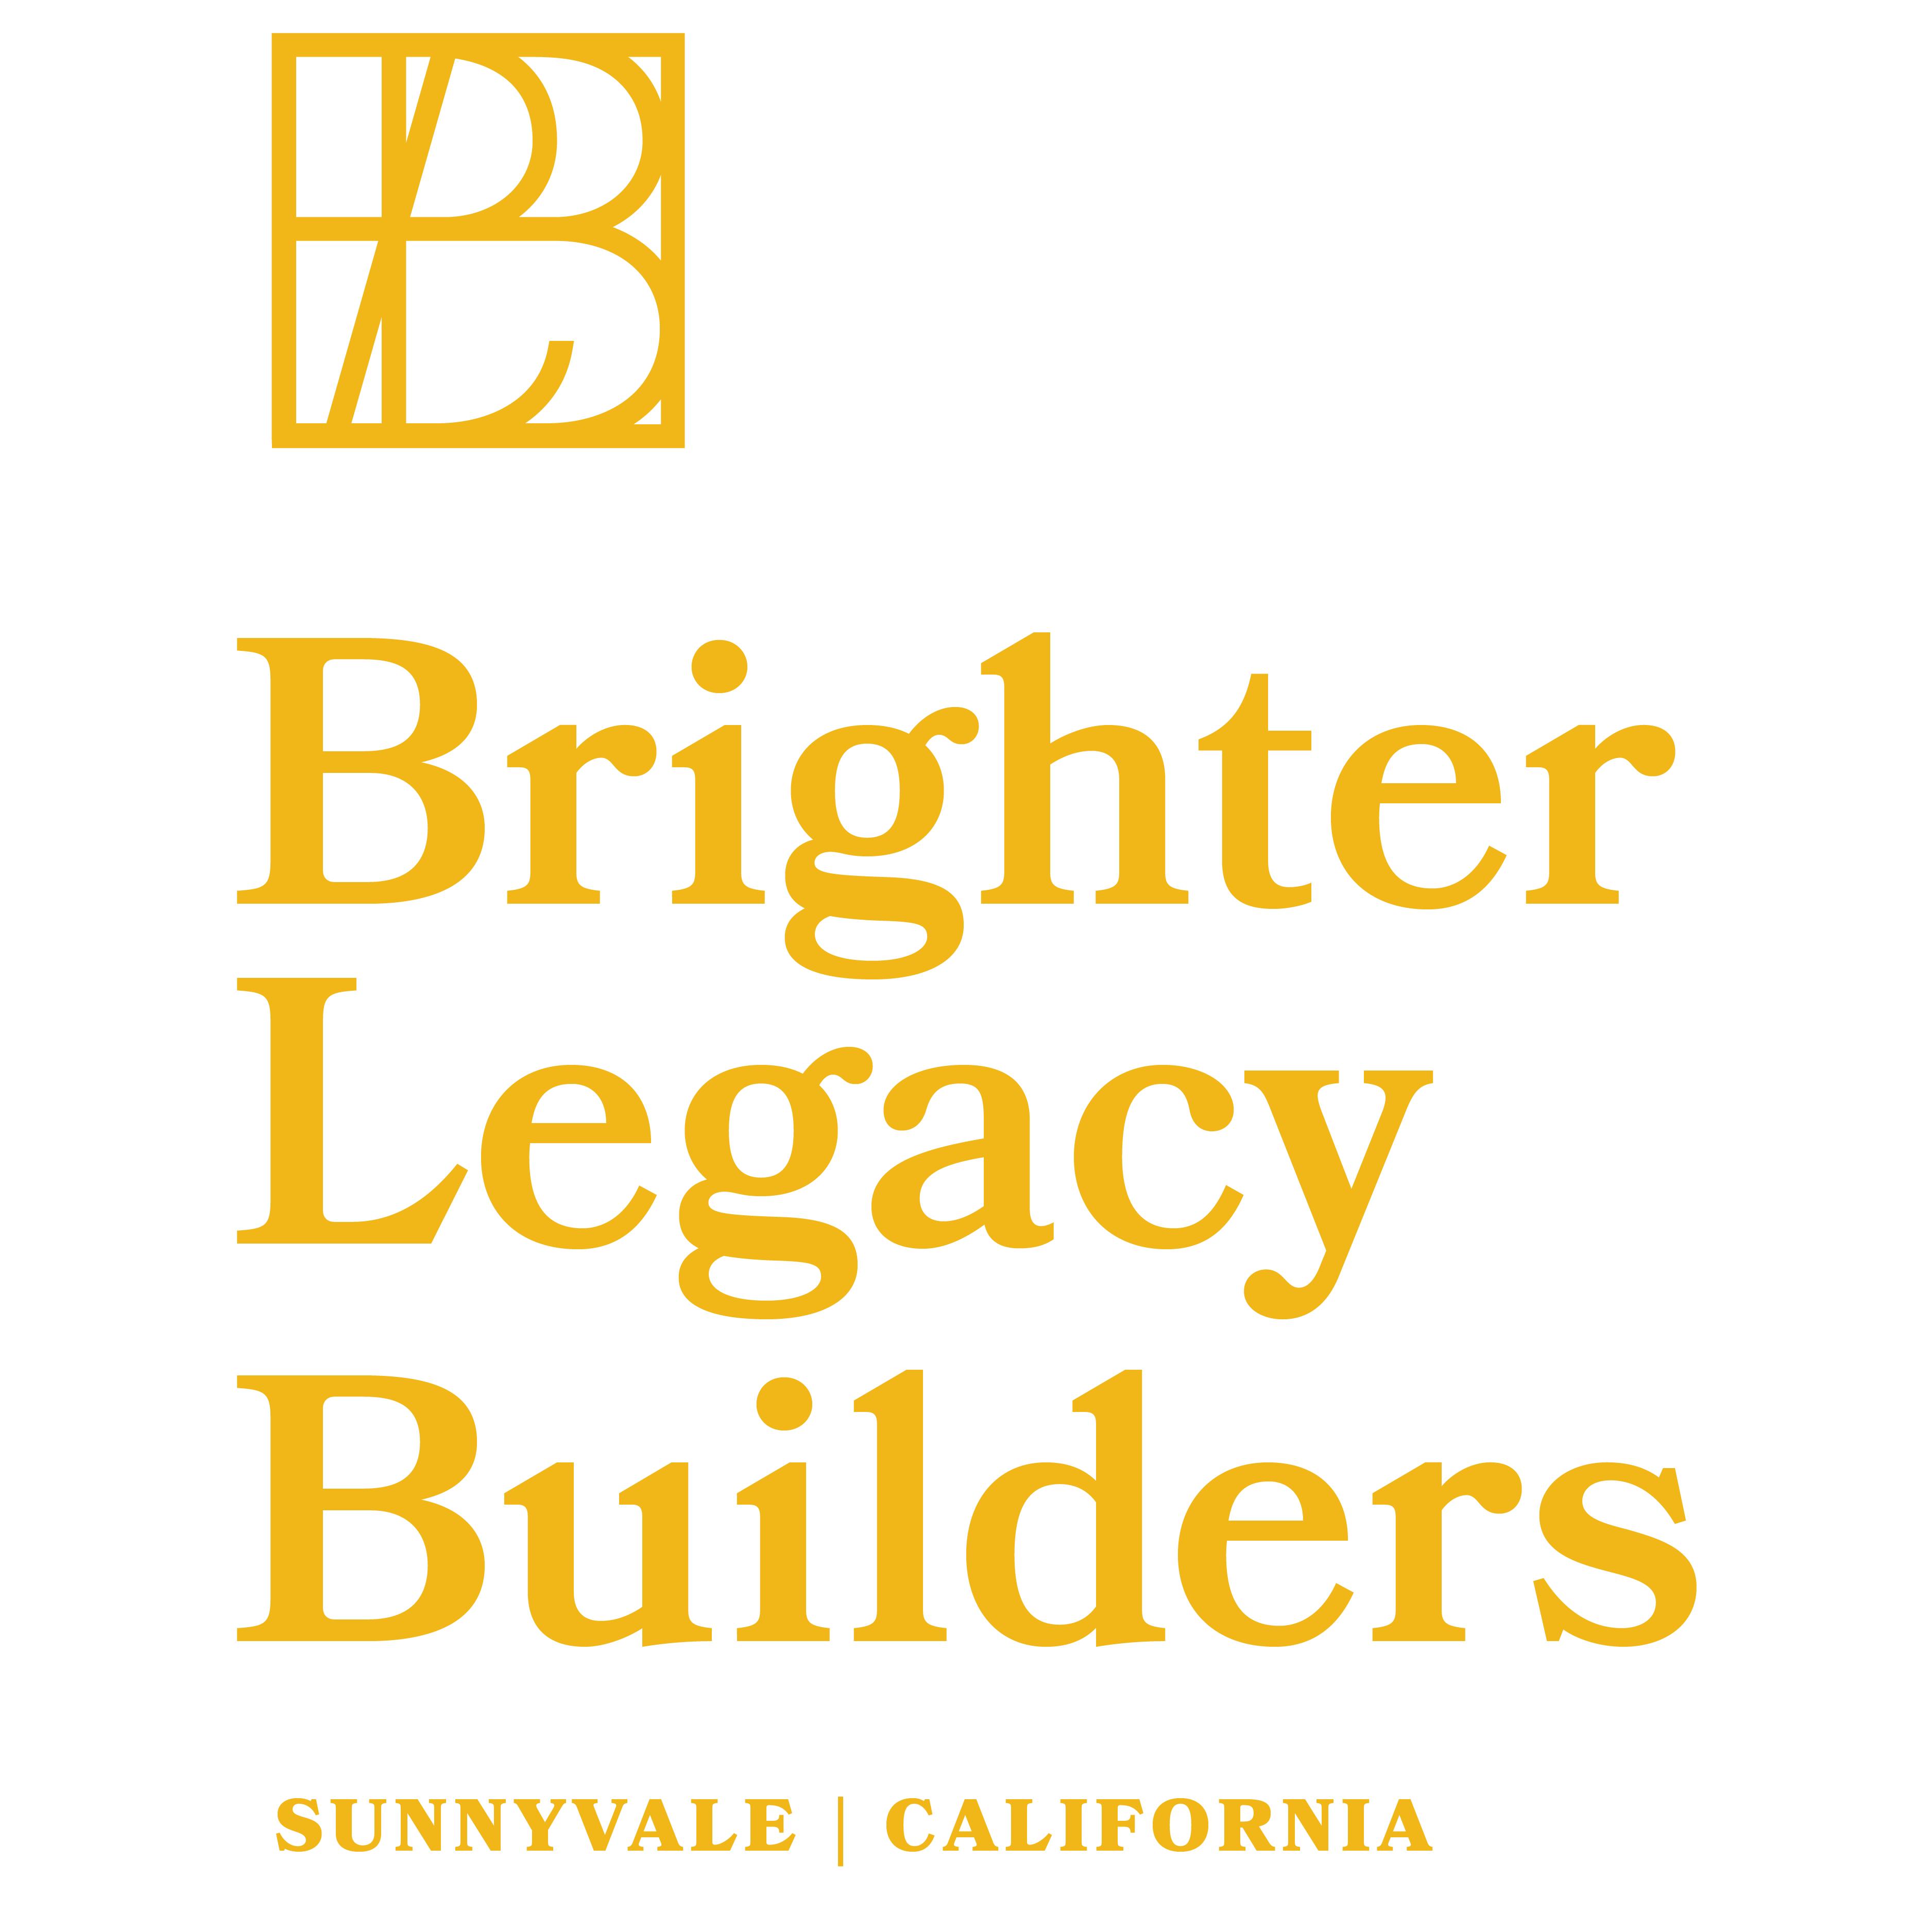 Brighter Legacy Builders